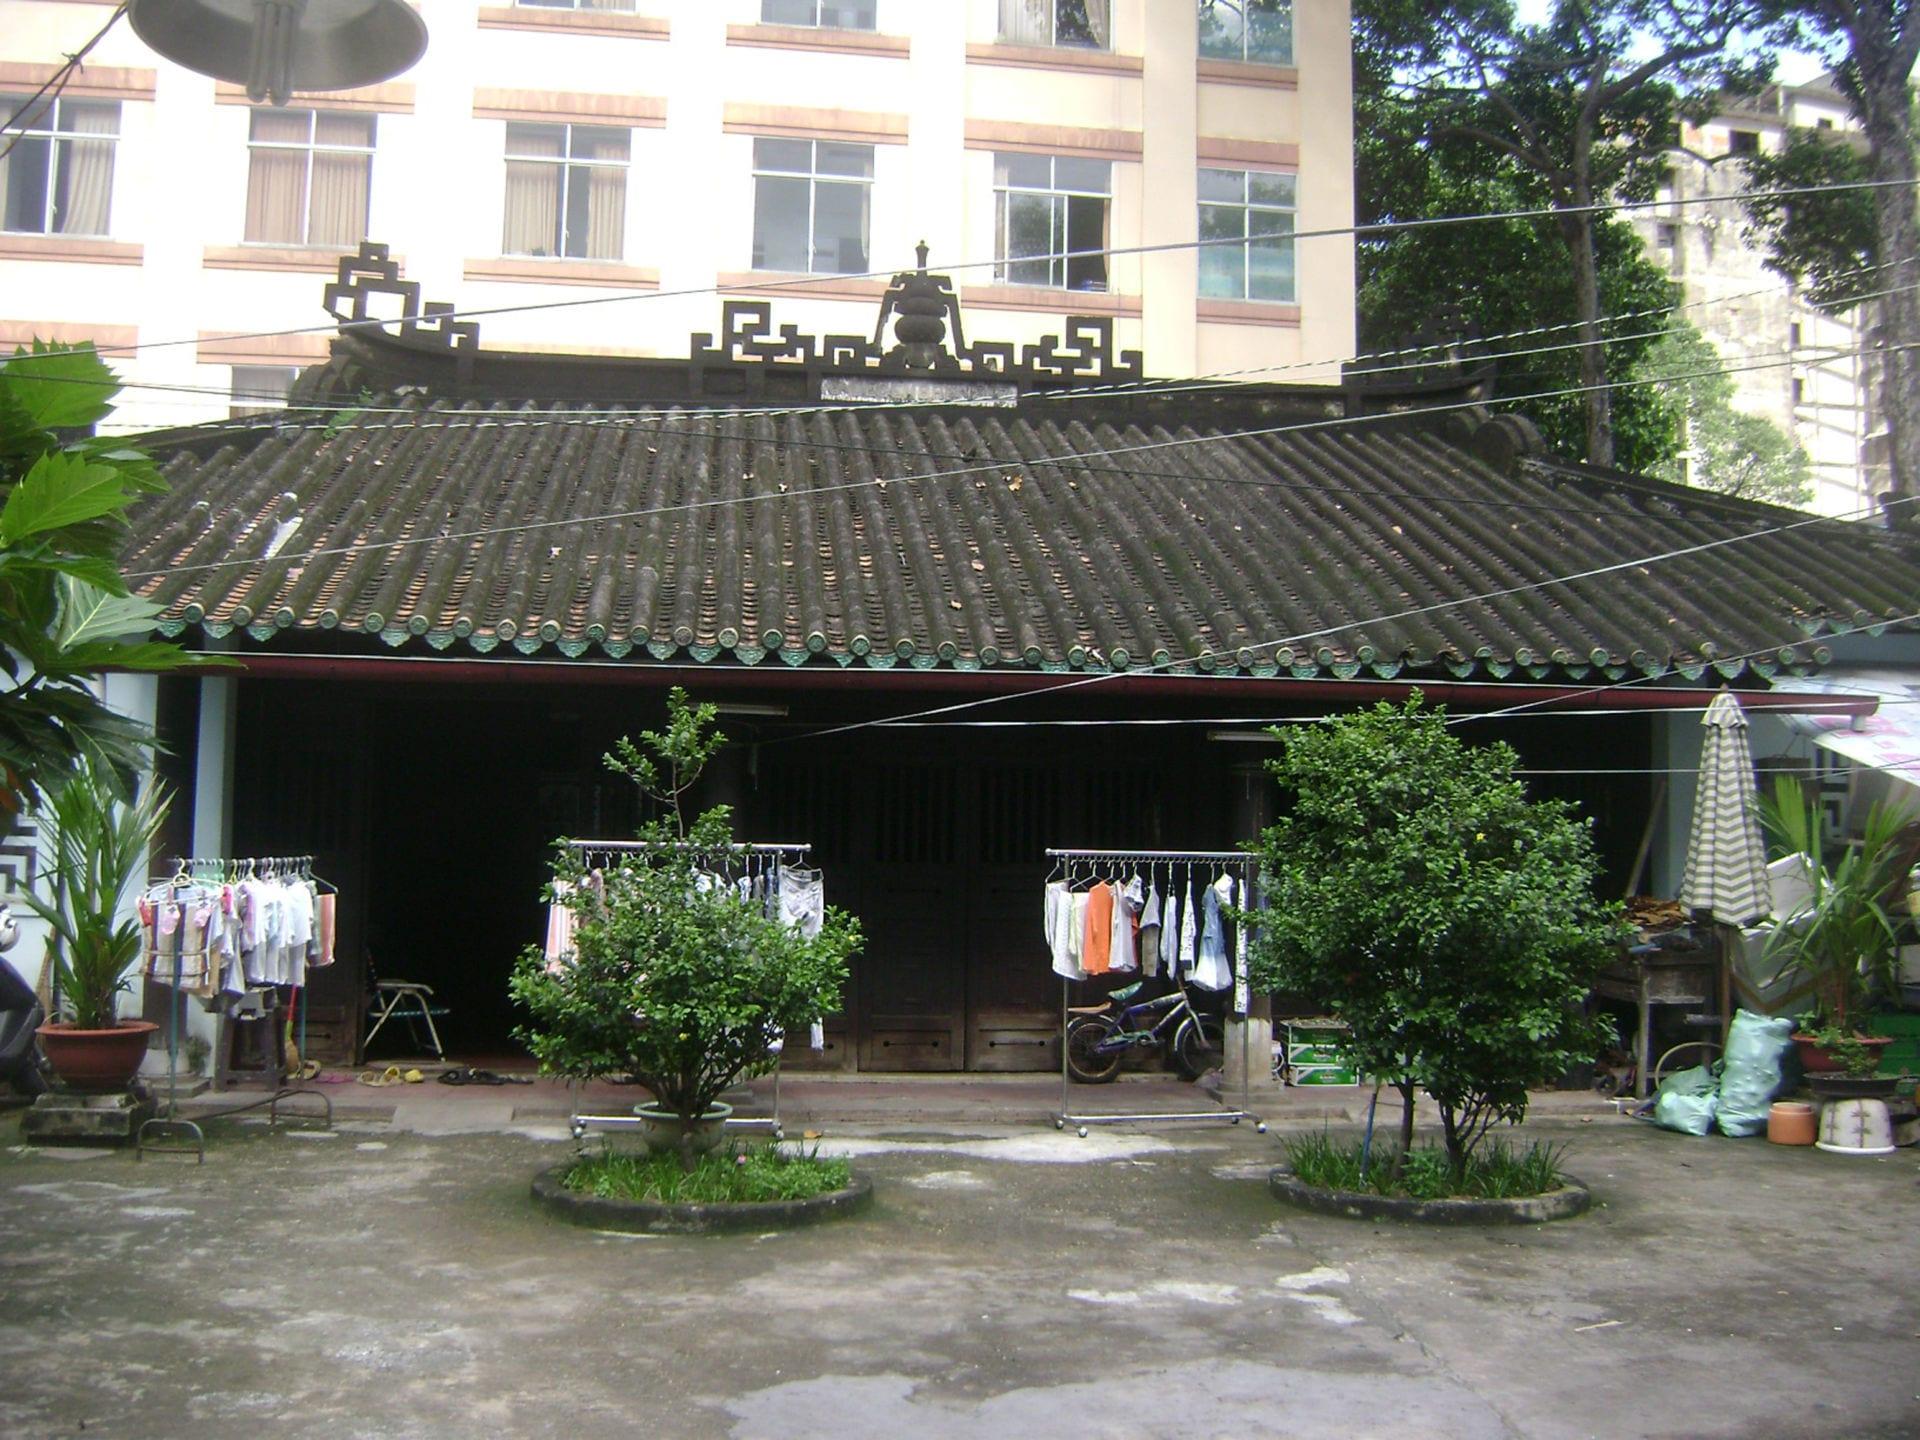 Thăm lăng mộ các bậc hiền nhân Sài Gòn-Gia Định xưa - 4